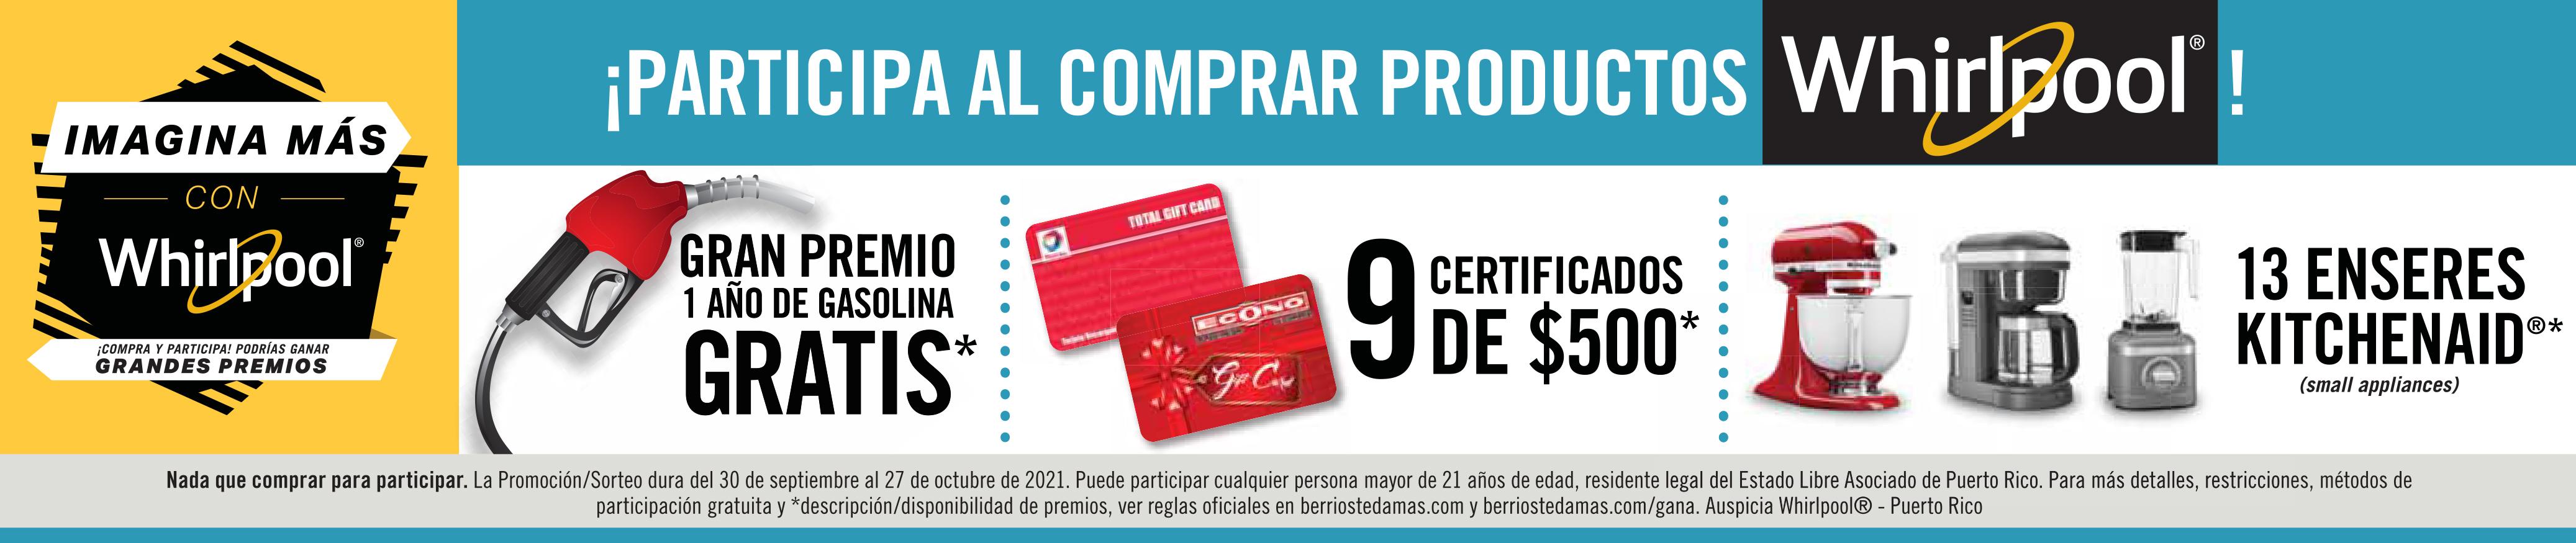 banner-7248-shopper-digital-sept-30-1.jpg